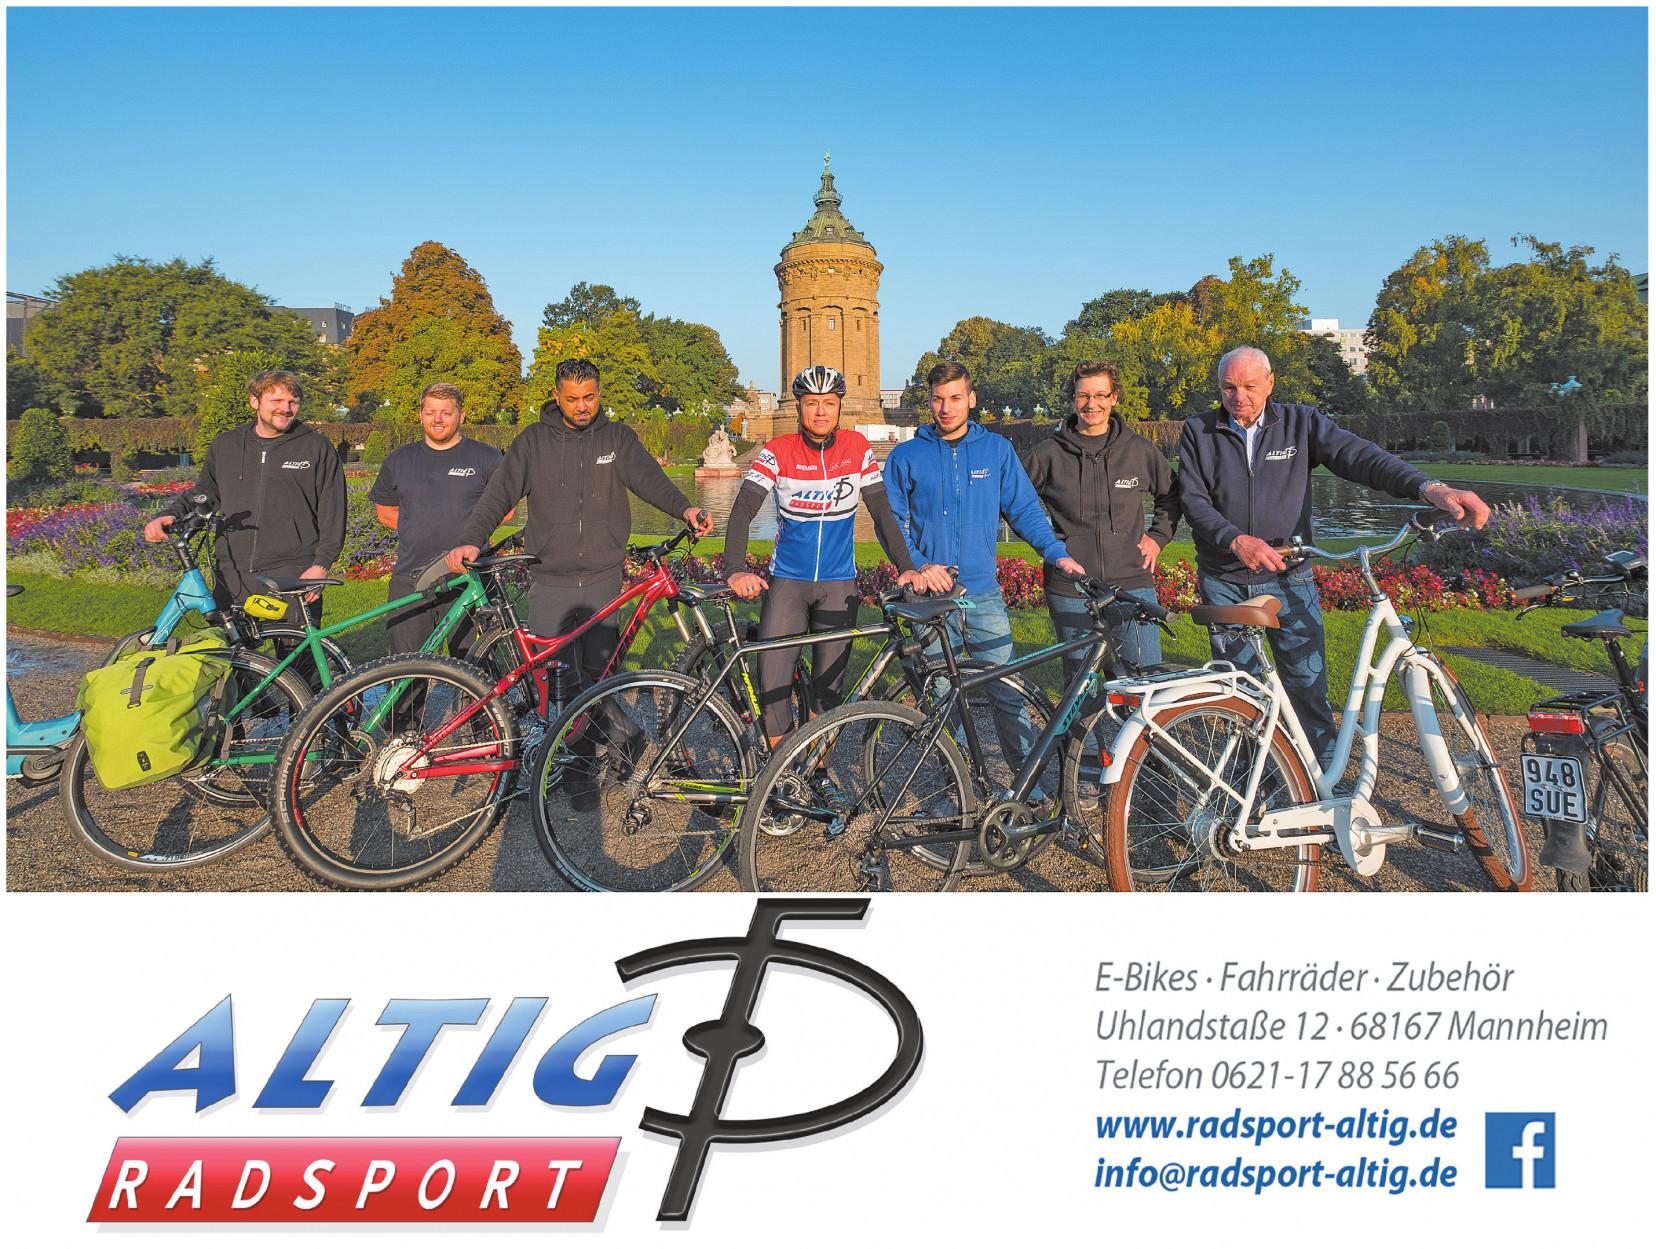 E-Bikes · Fahrräder · Zubehör